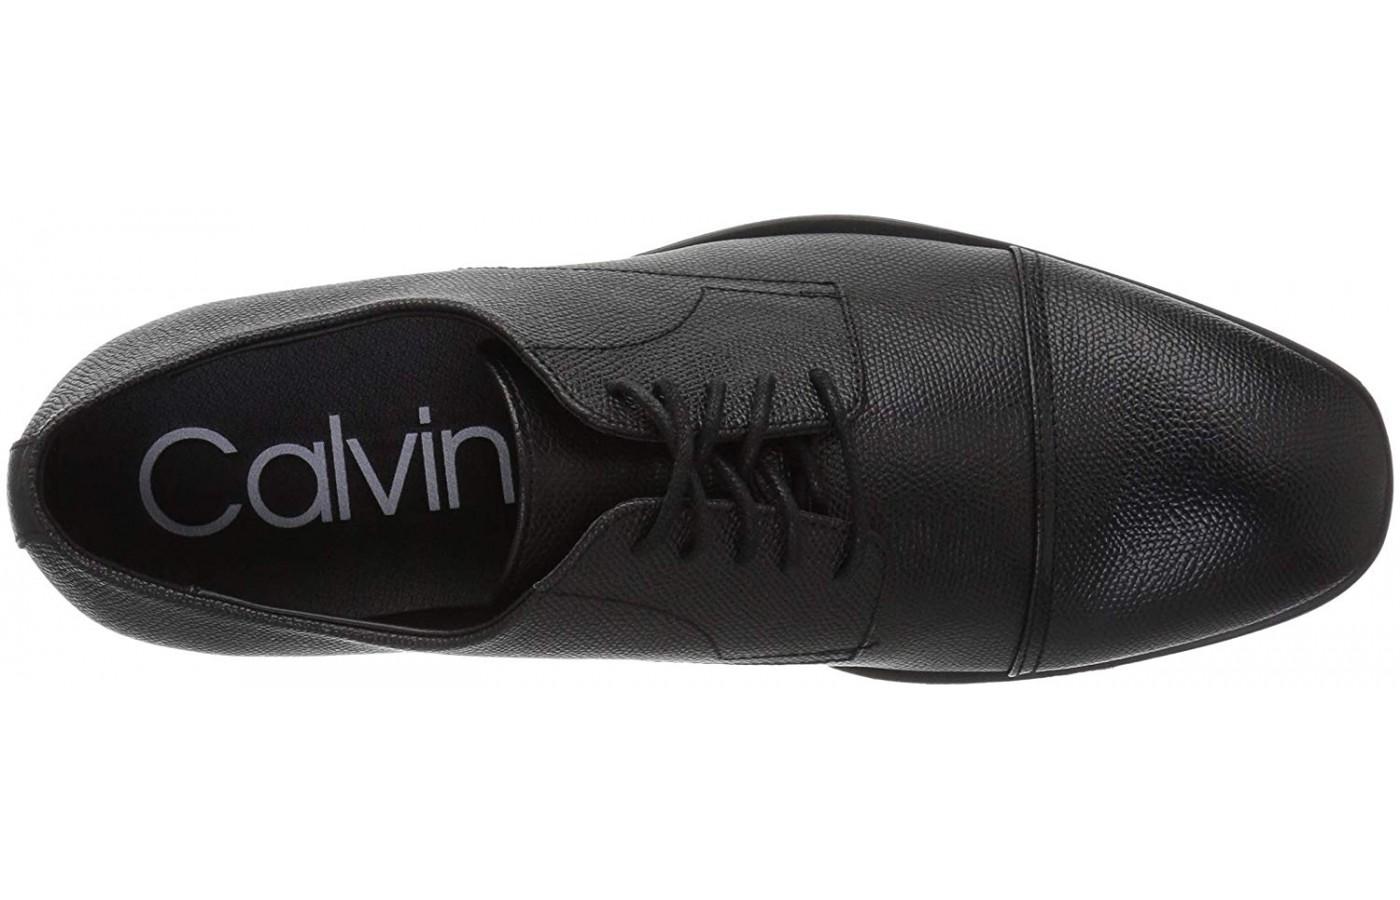 Calvin Klein Conner Oxford top